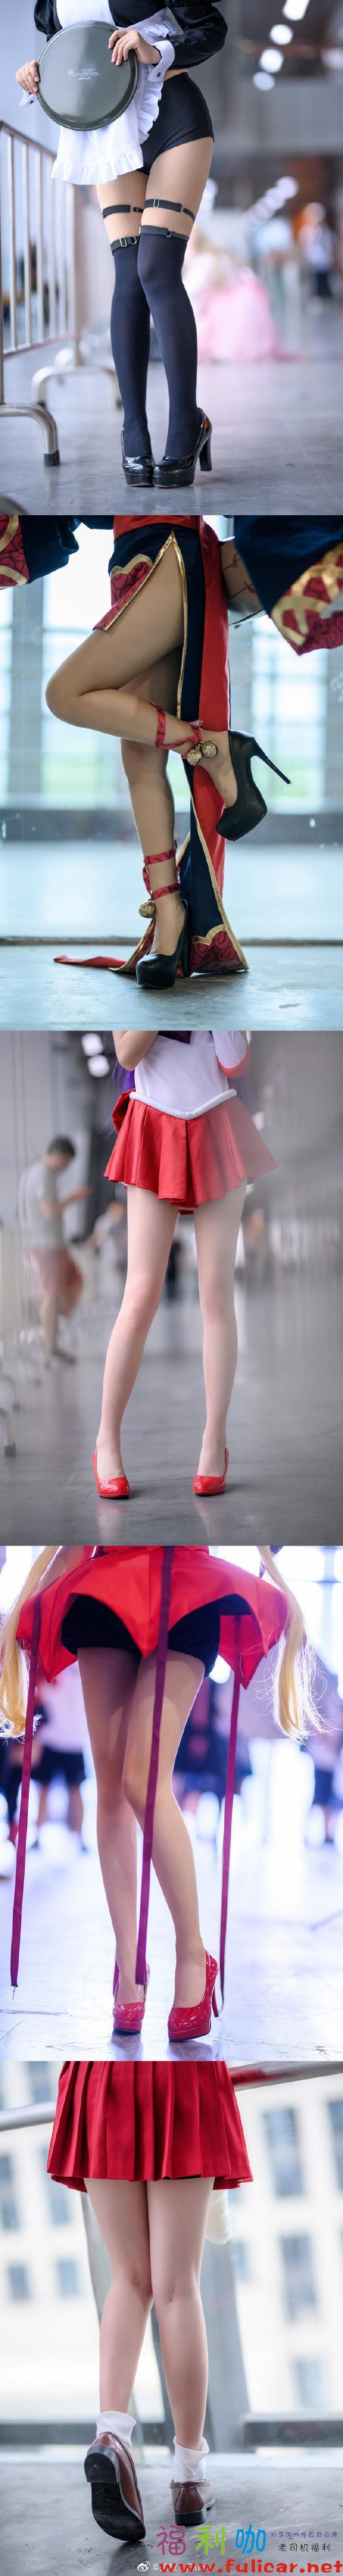 萤火虫漫展大长腿集合@扒拉丨Eiuo